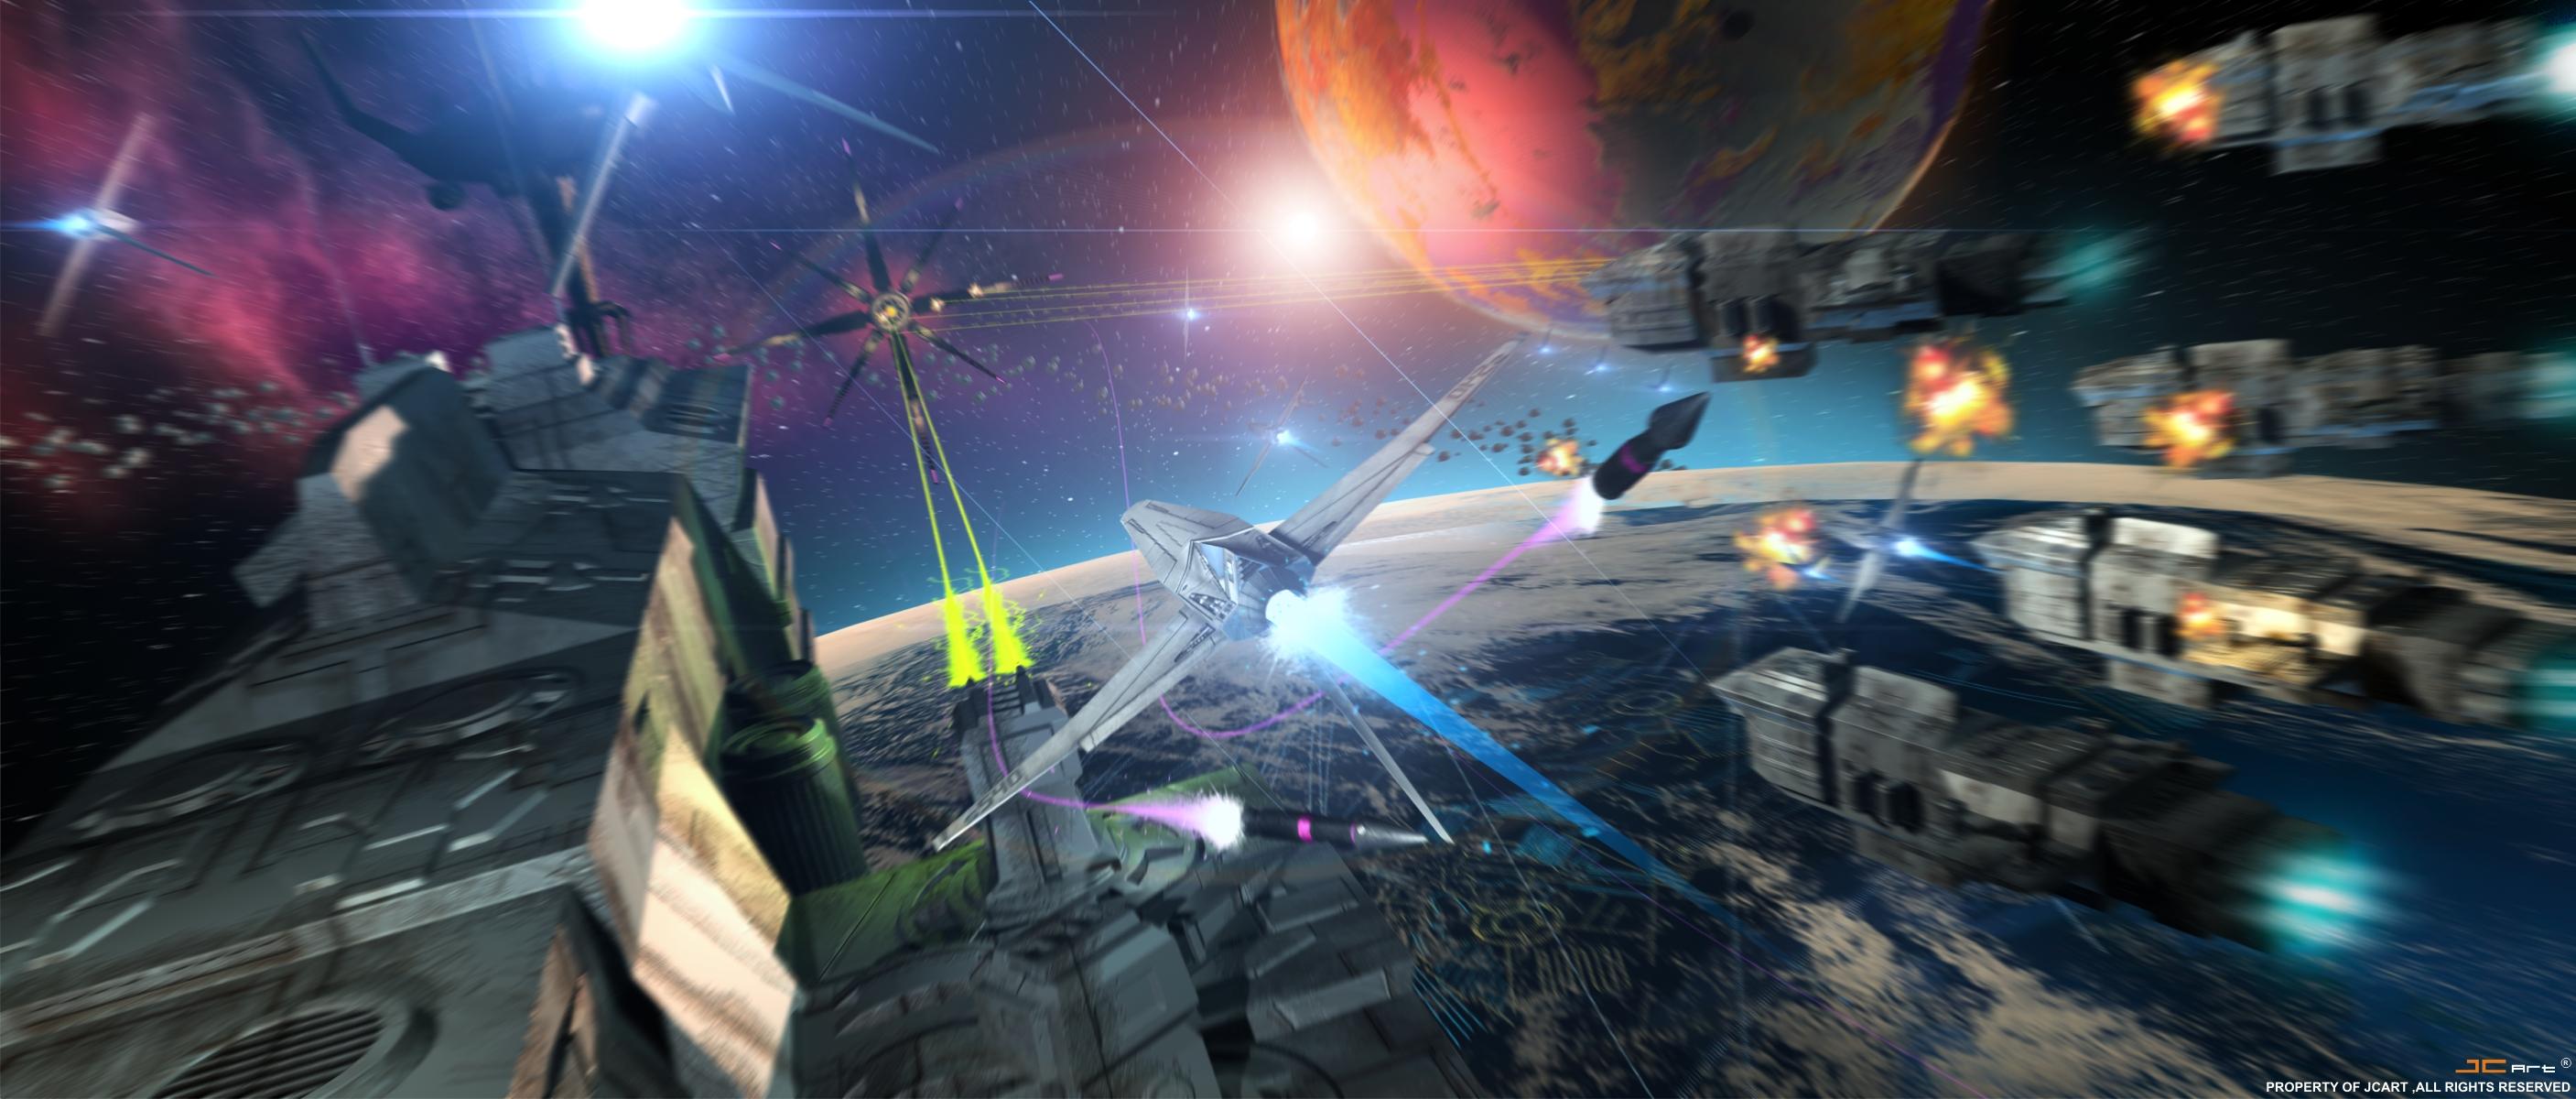 Space Battle Wallpaper 2814x1200 Space Battle Scene By Genesisa 2814x1200